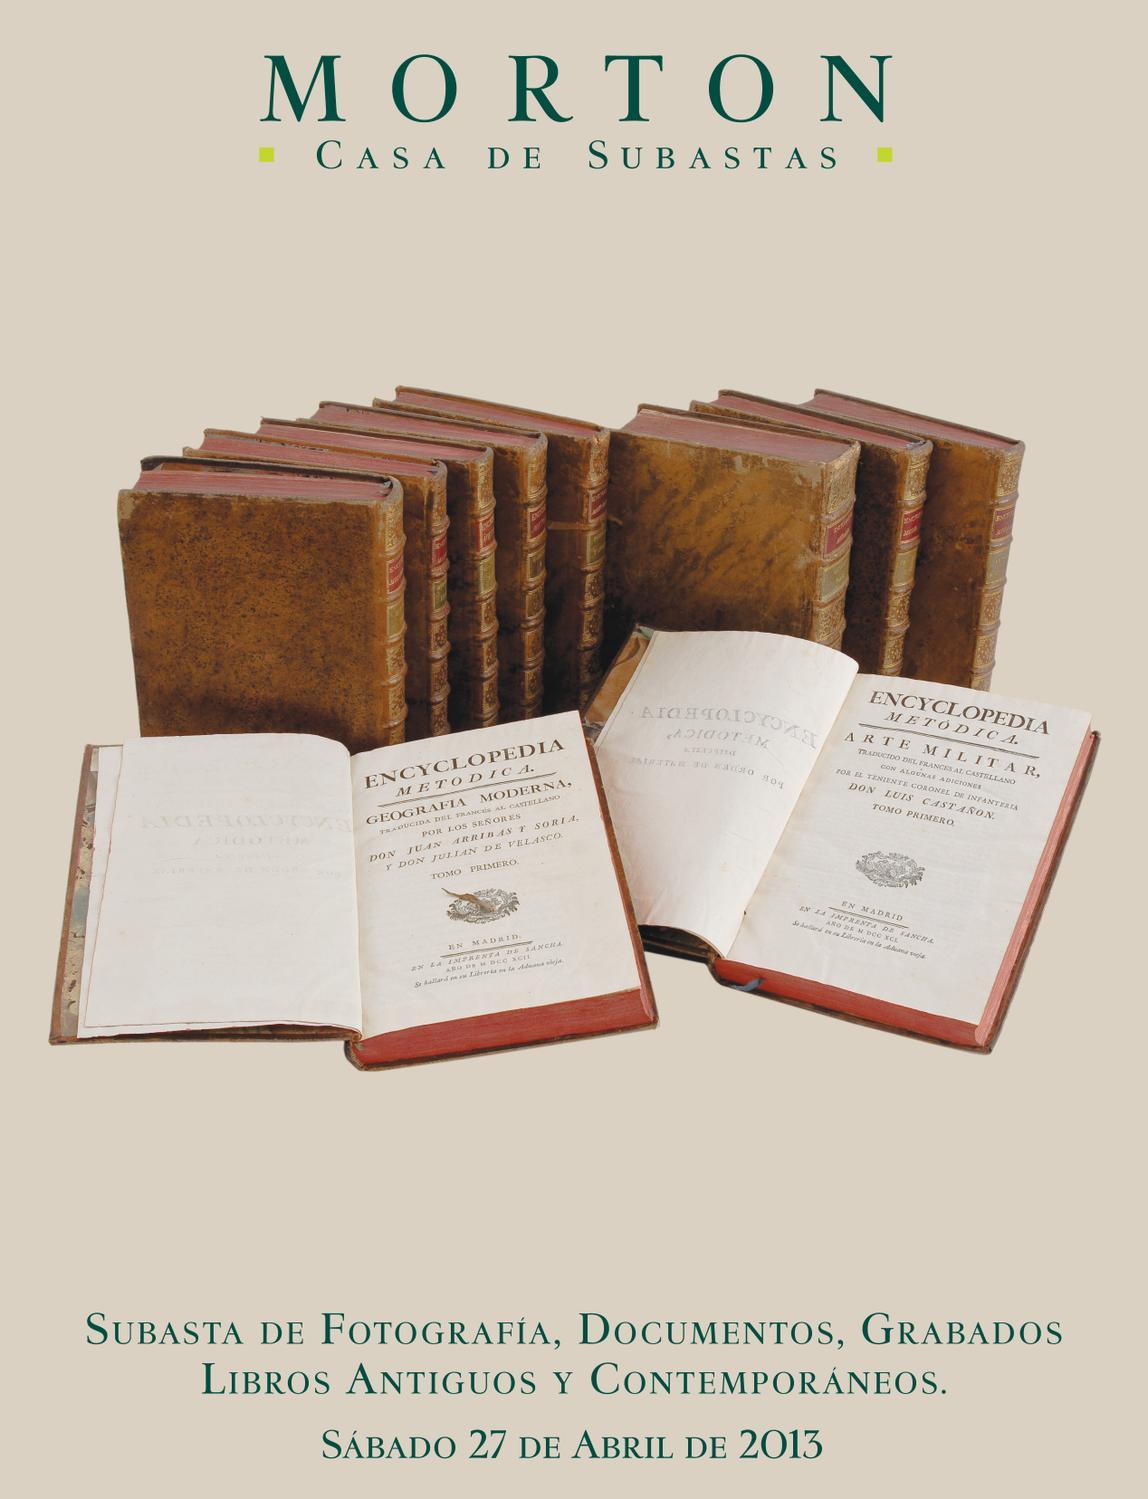 Muebles Gimenells - Subasta De Fotograf A Documentos Grabados Libros Antiguos Y [mjhdah]http://cdn.adaixgroup.com/adaix/pictures/upload-image/files/774/V144959/img-pFEaF9i-1462809356.jpg